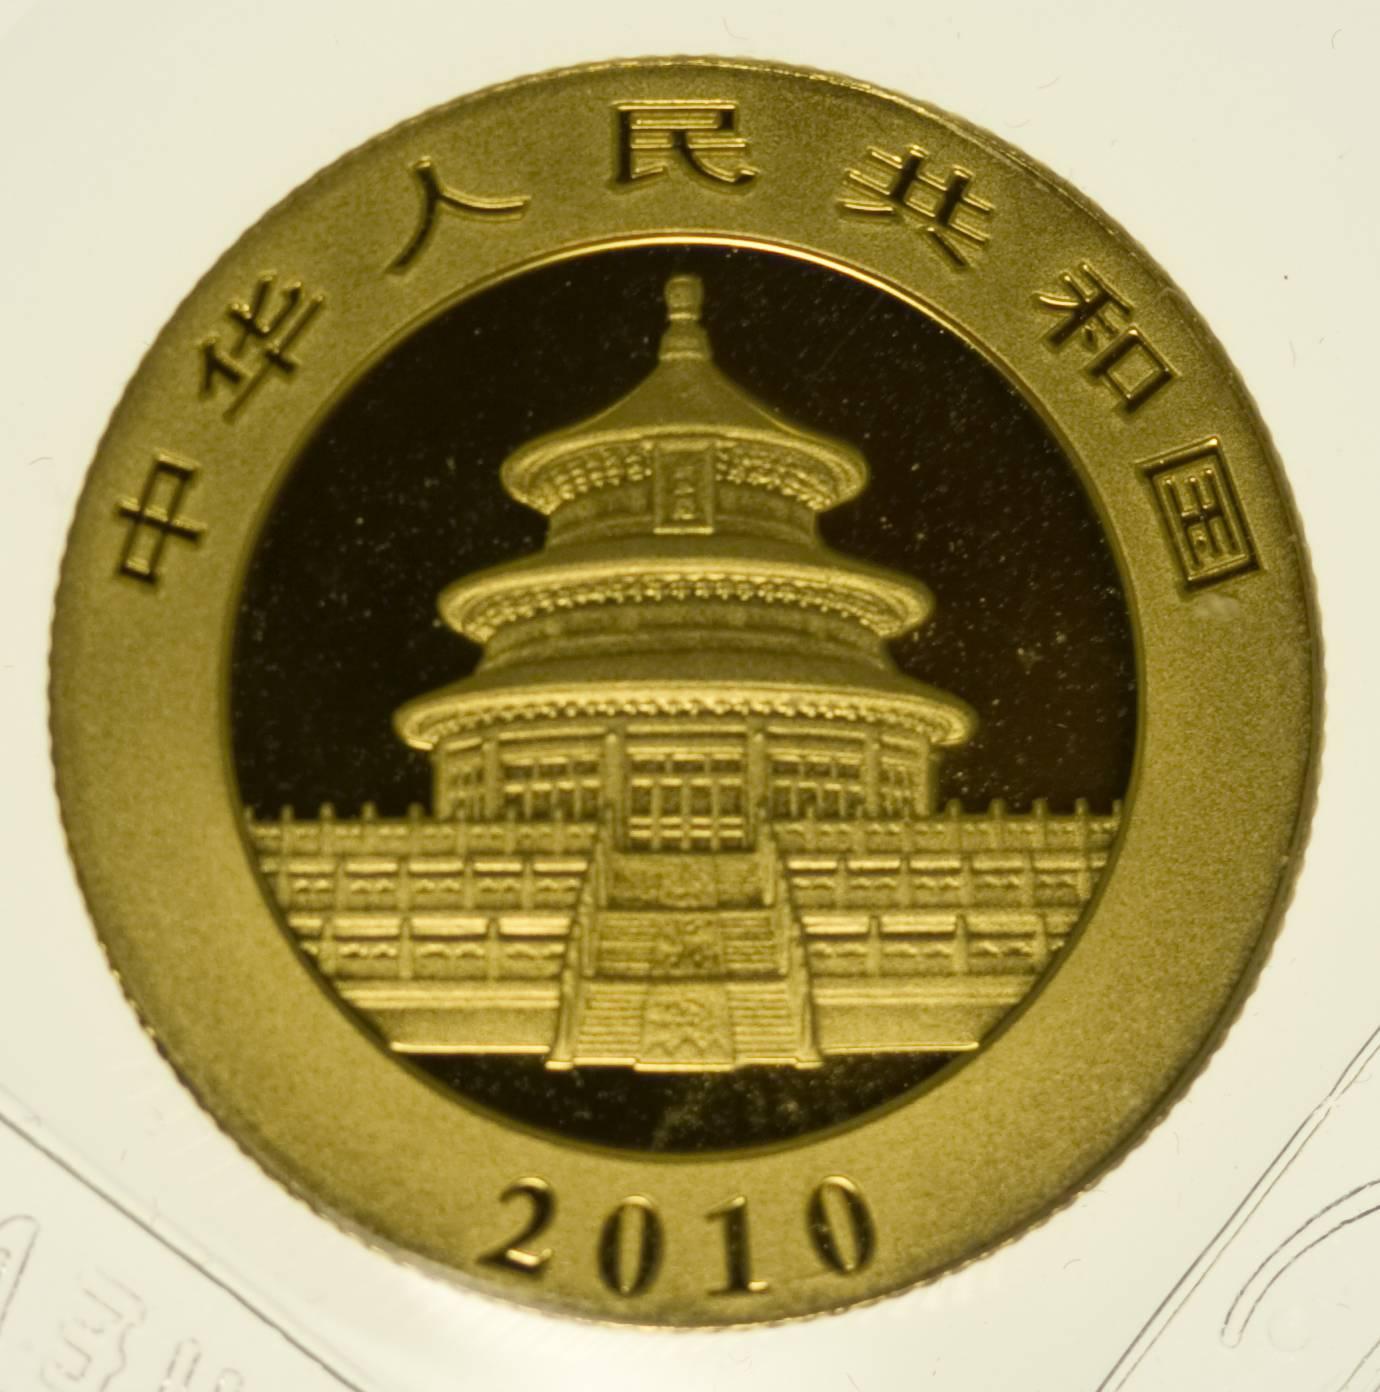 1/4 Unze Goldmünze China Panda 2010 100 Yuan 7,78 Gramm fein Gold RAR